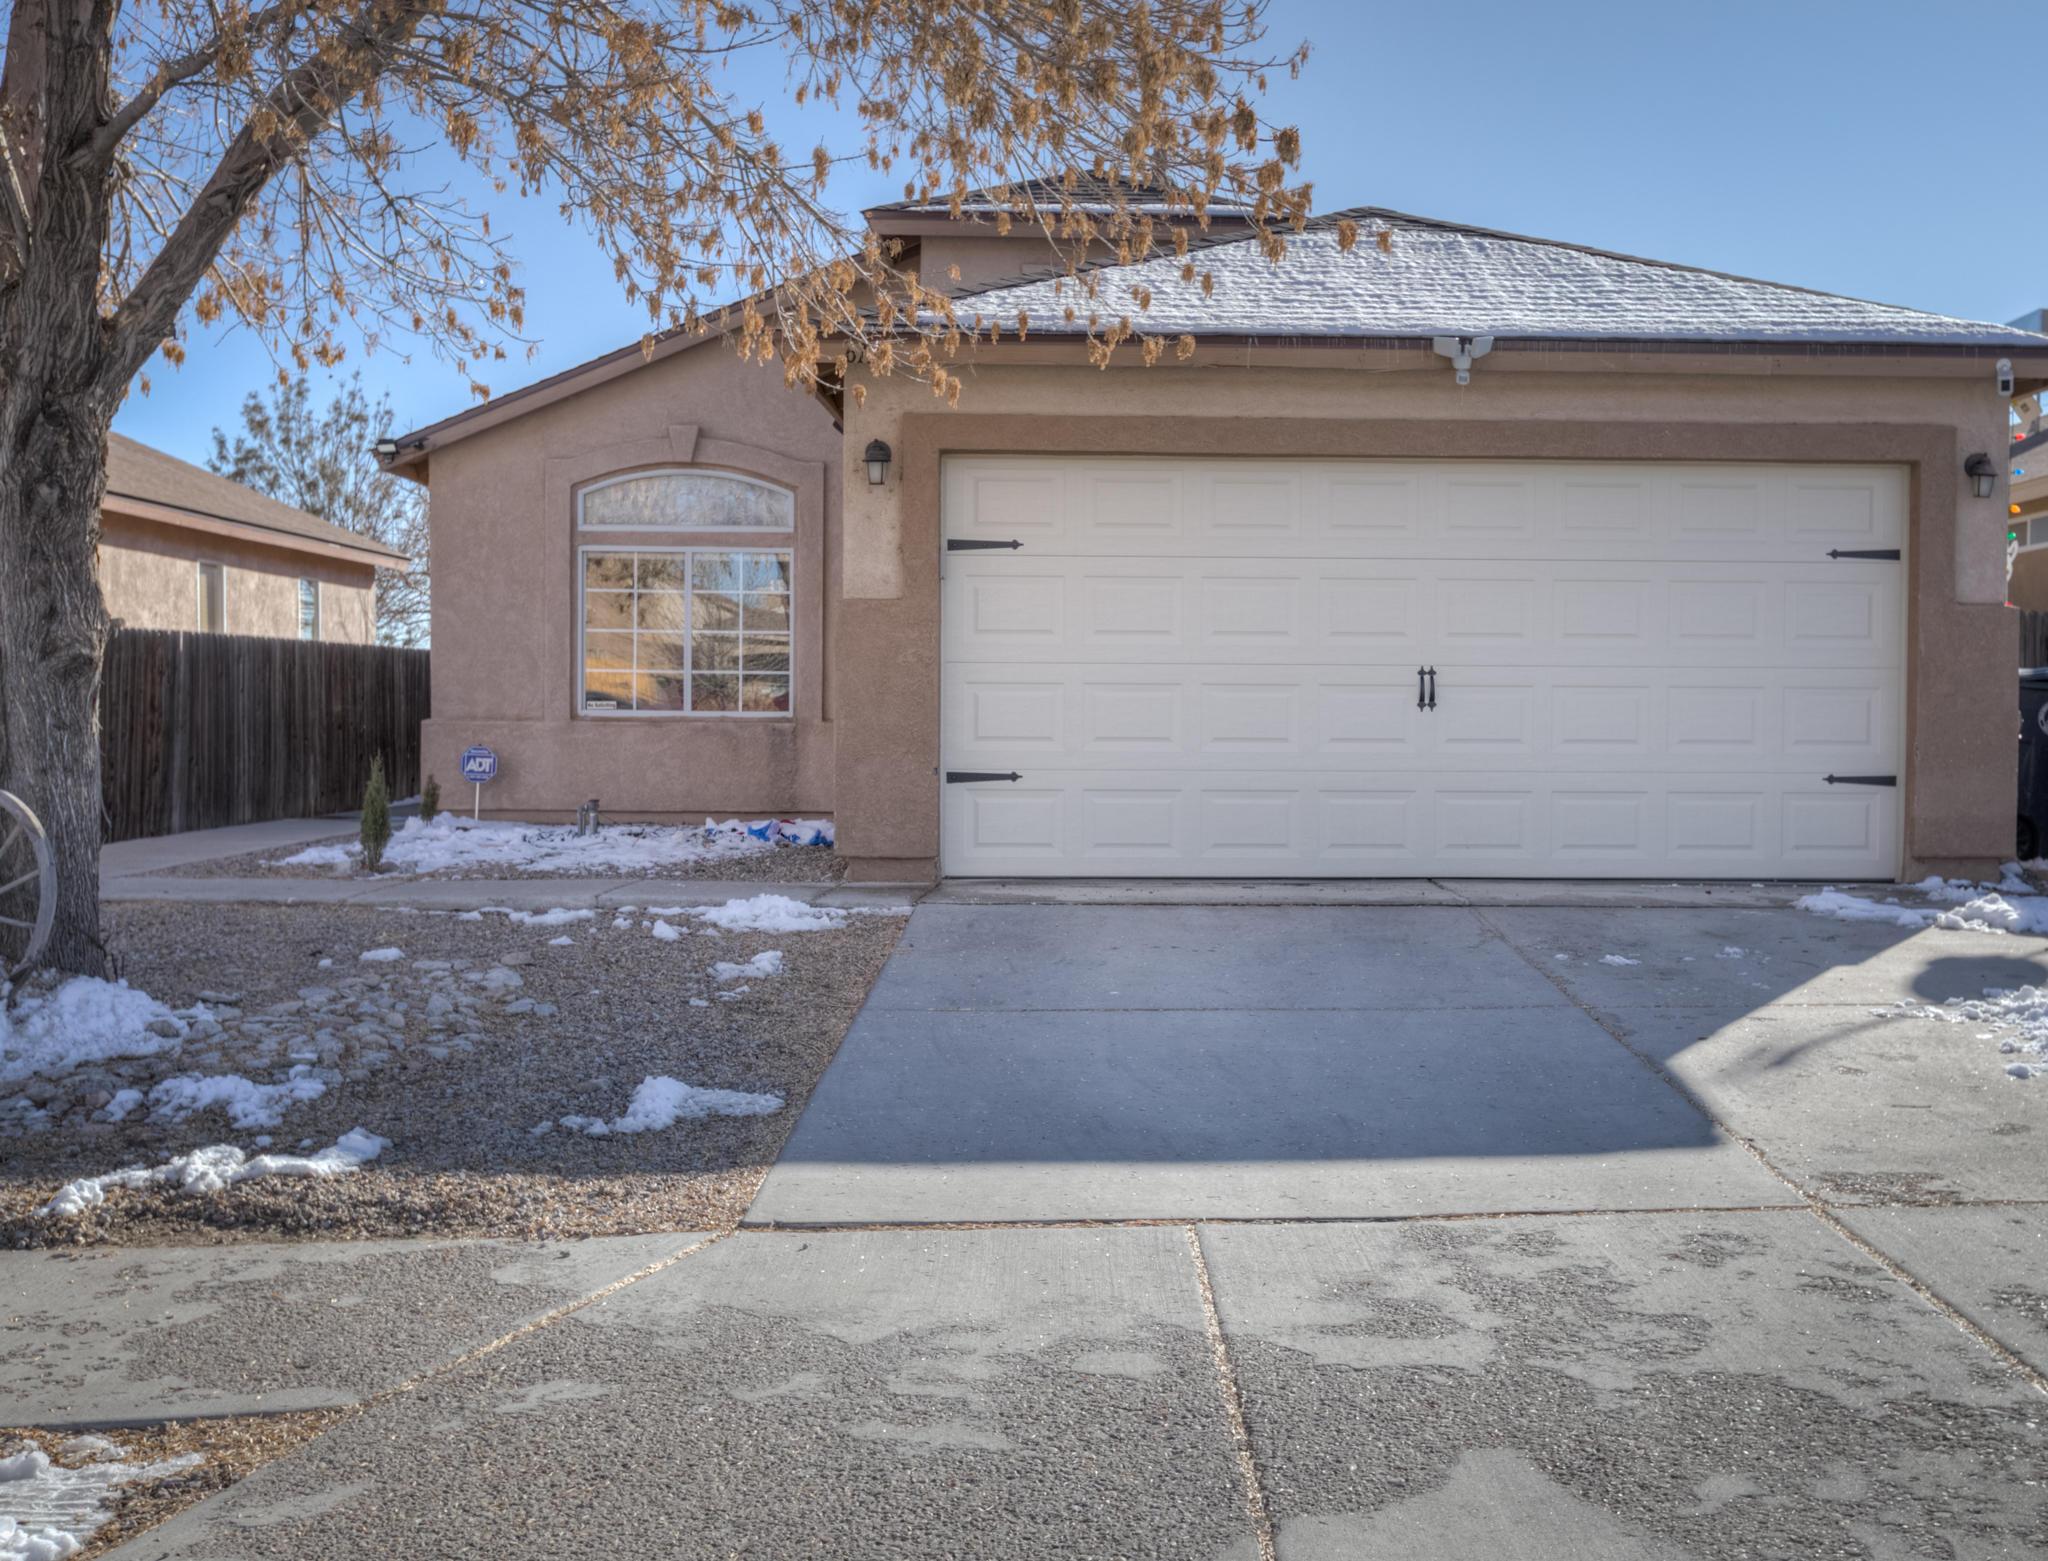 6136 CYONUS Avenue, Albuquerque NM 87114